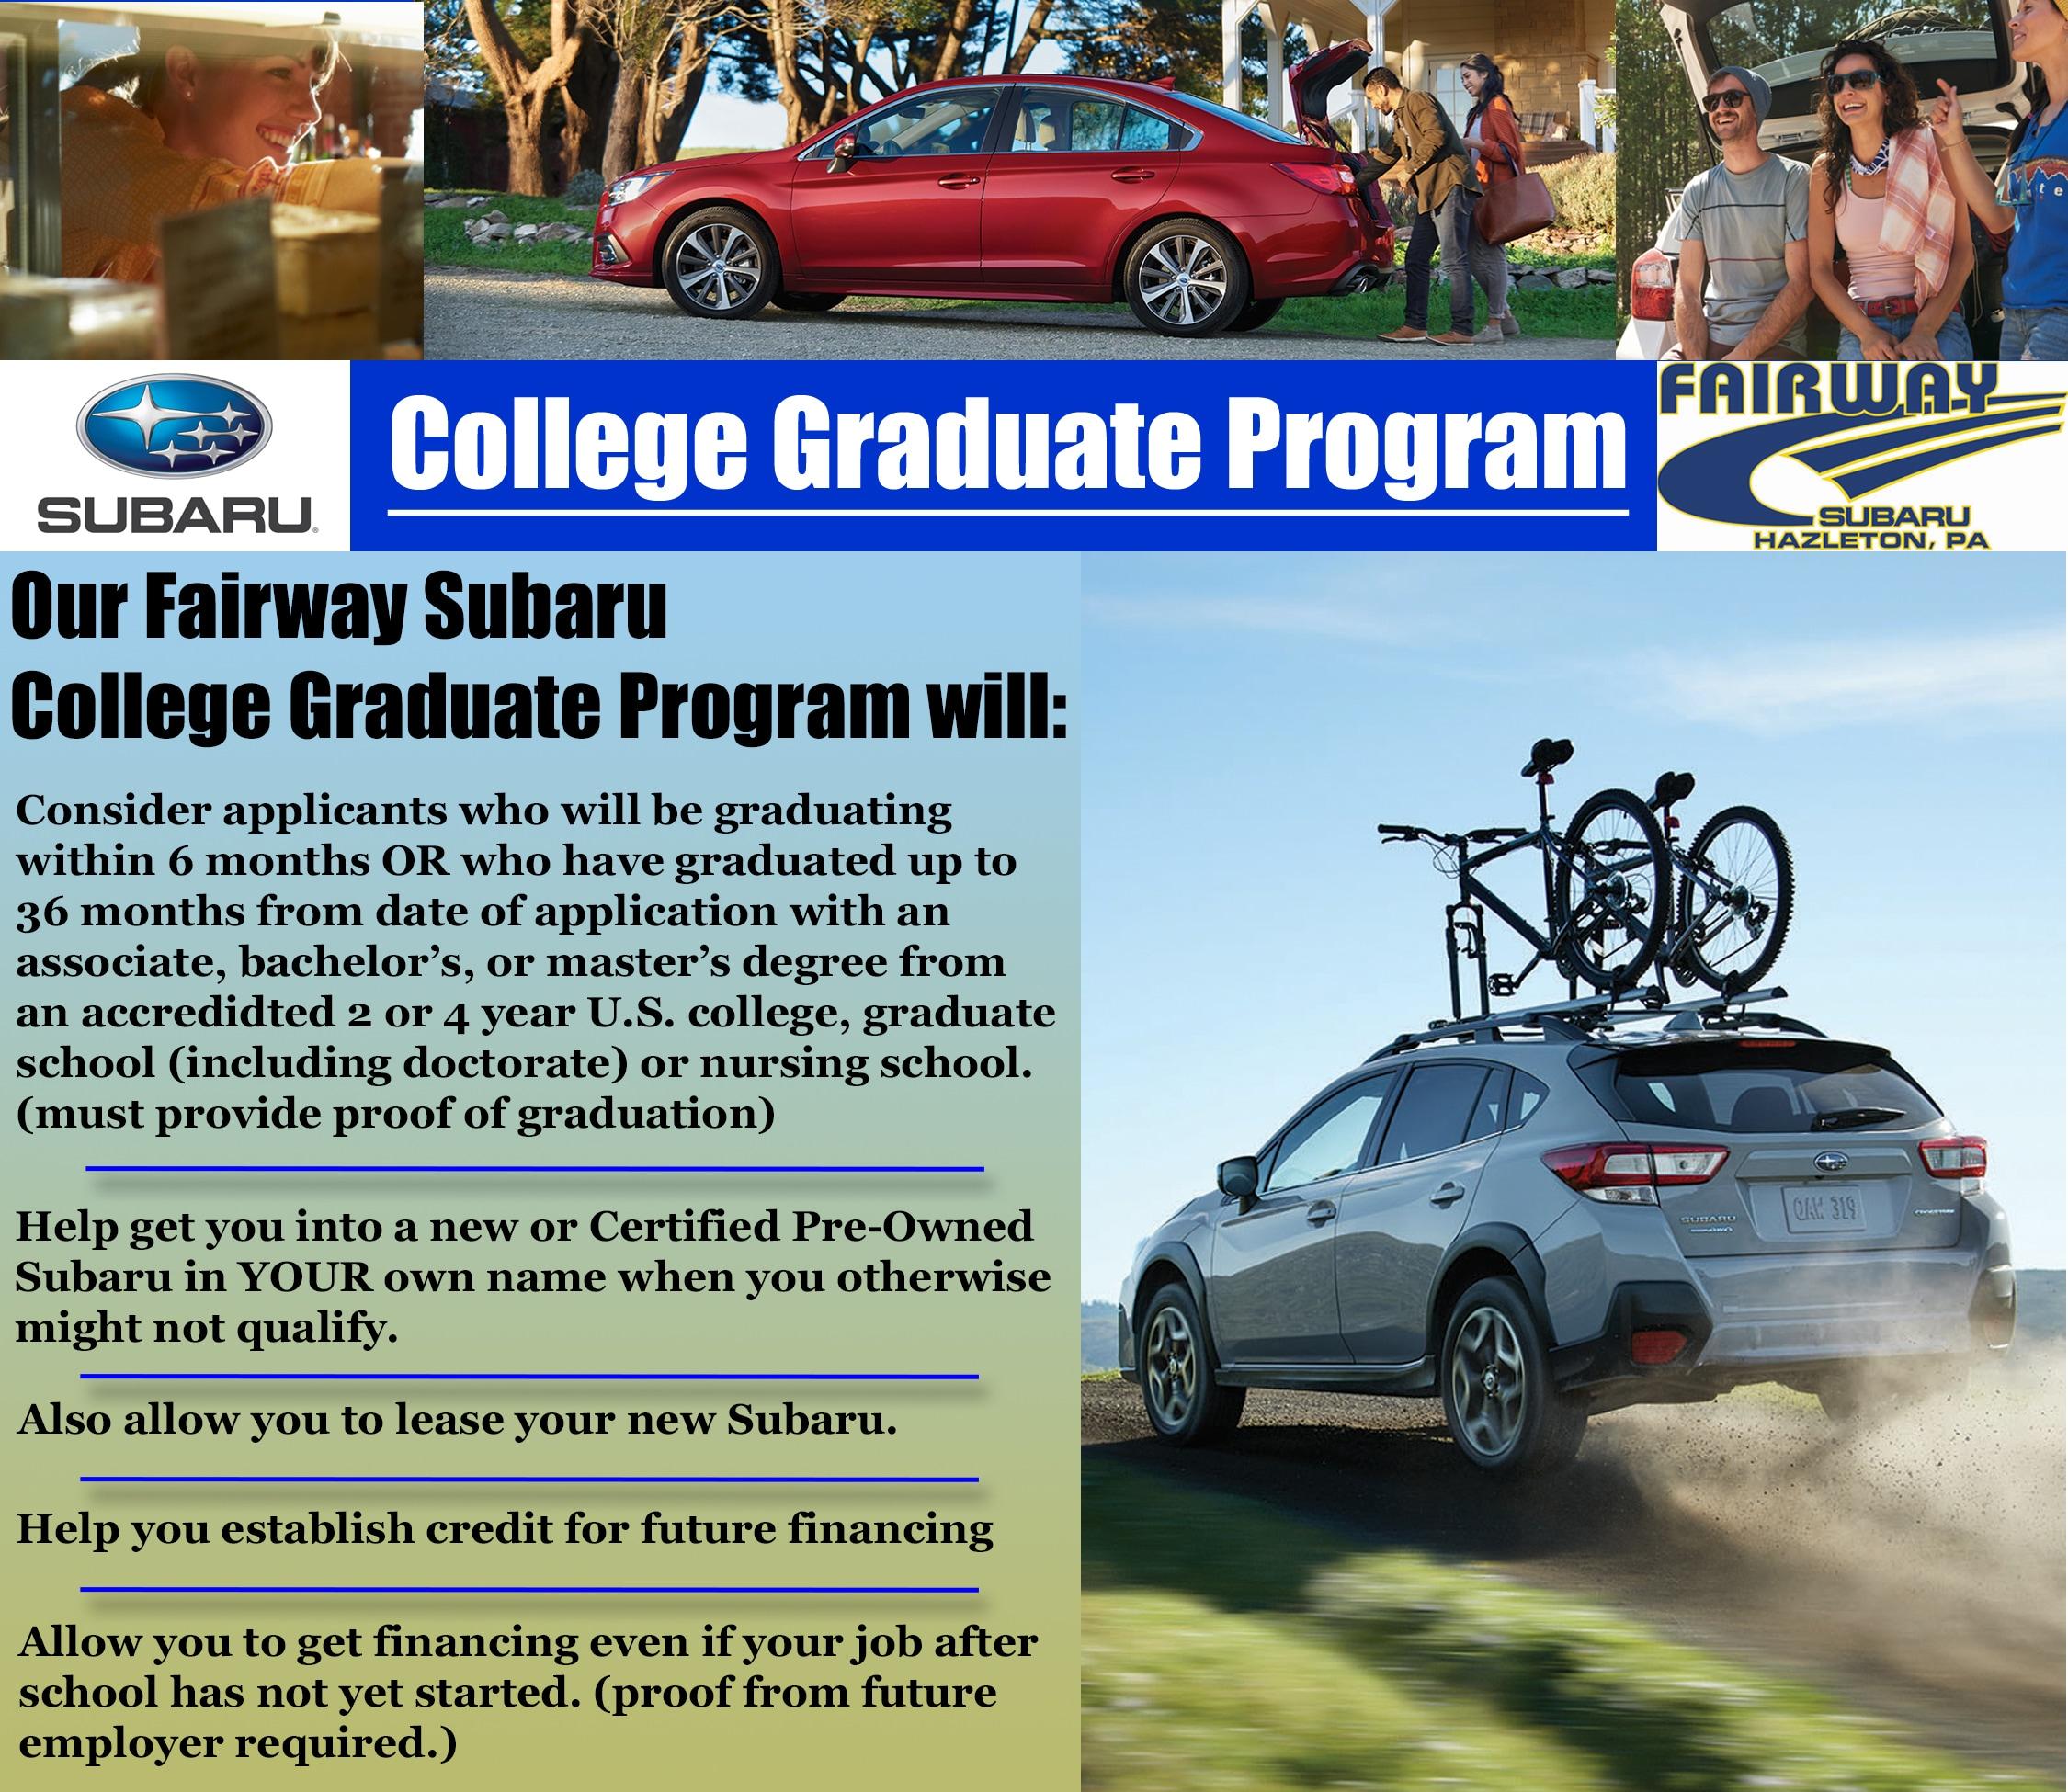 Fairway Subaru New Subaru Dealership In Hazleton PA - Subaru graduate program